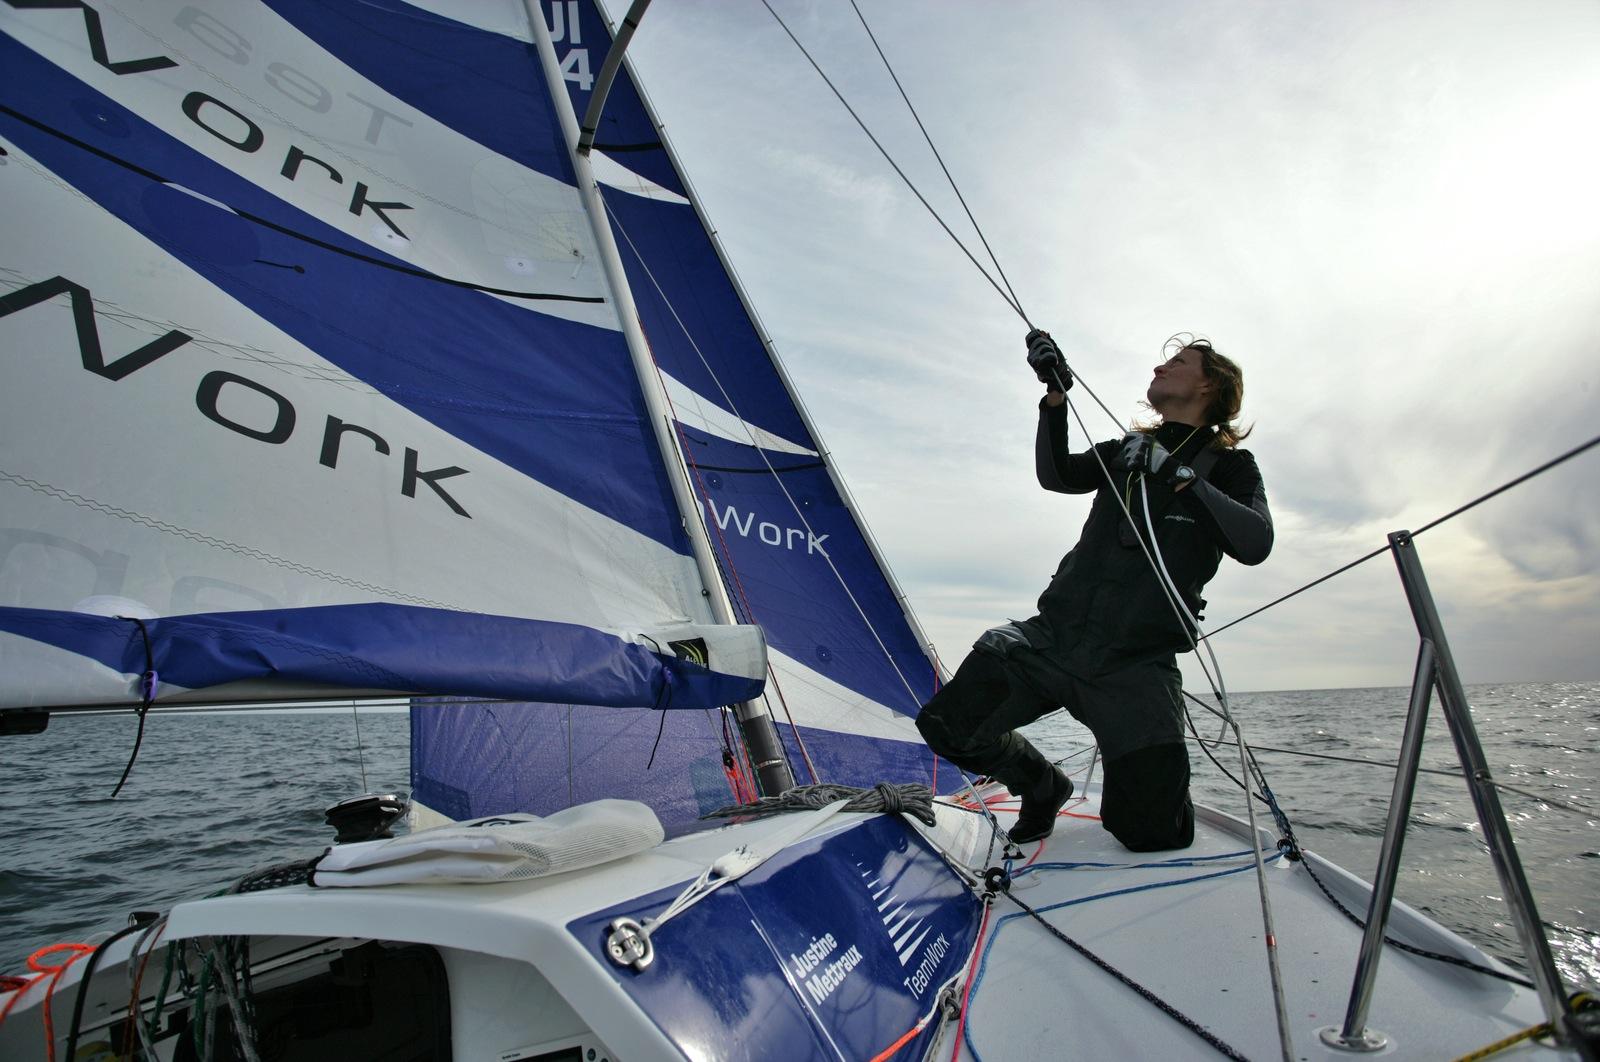 TeamWork et la navigatrice genevoise Justine Mettraux mettent le cap sur la Transat 6,50 2013